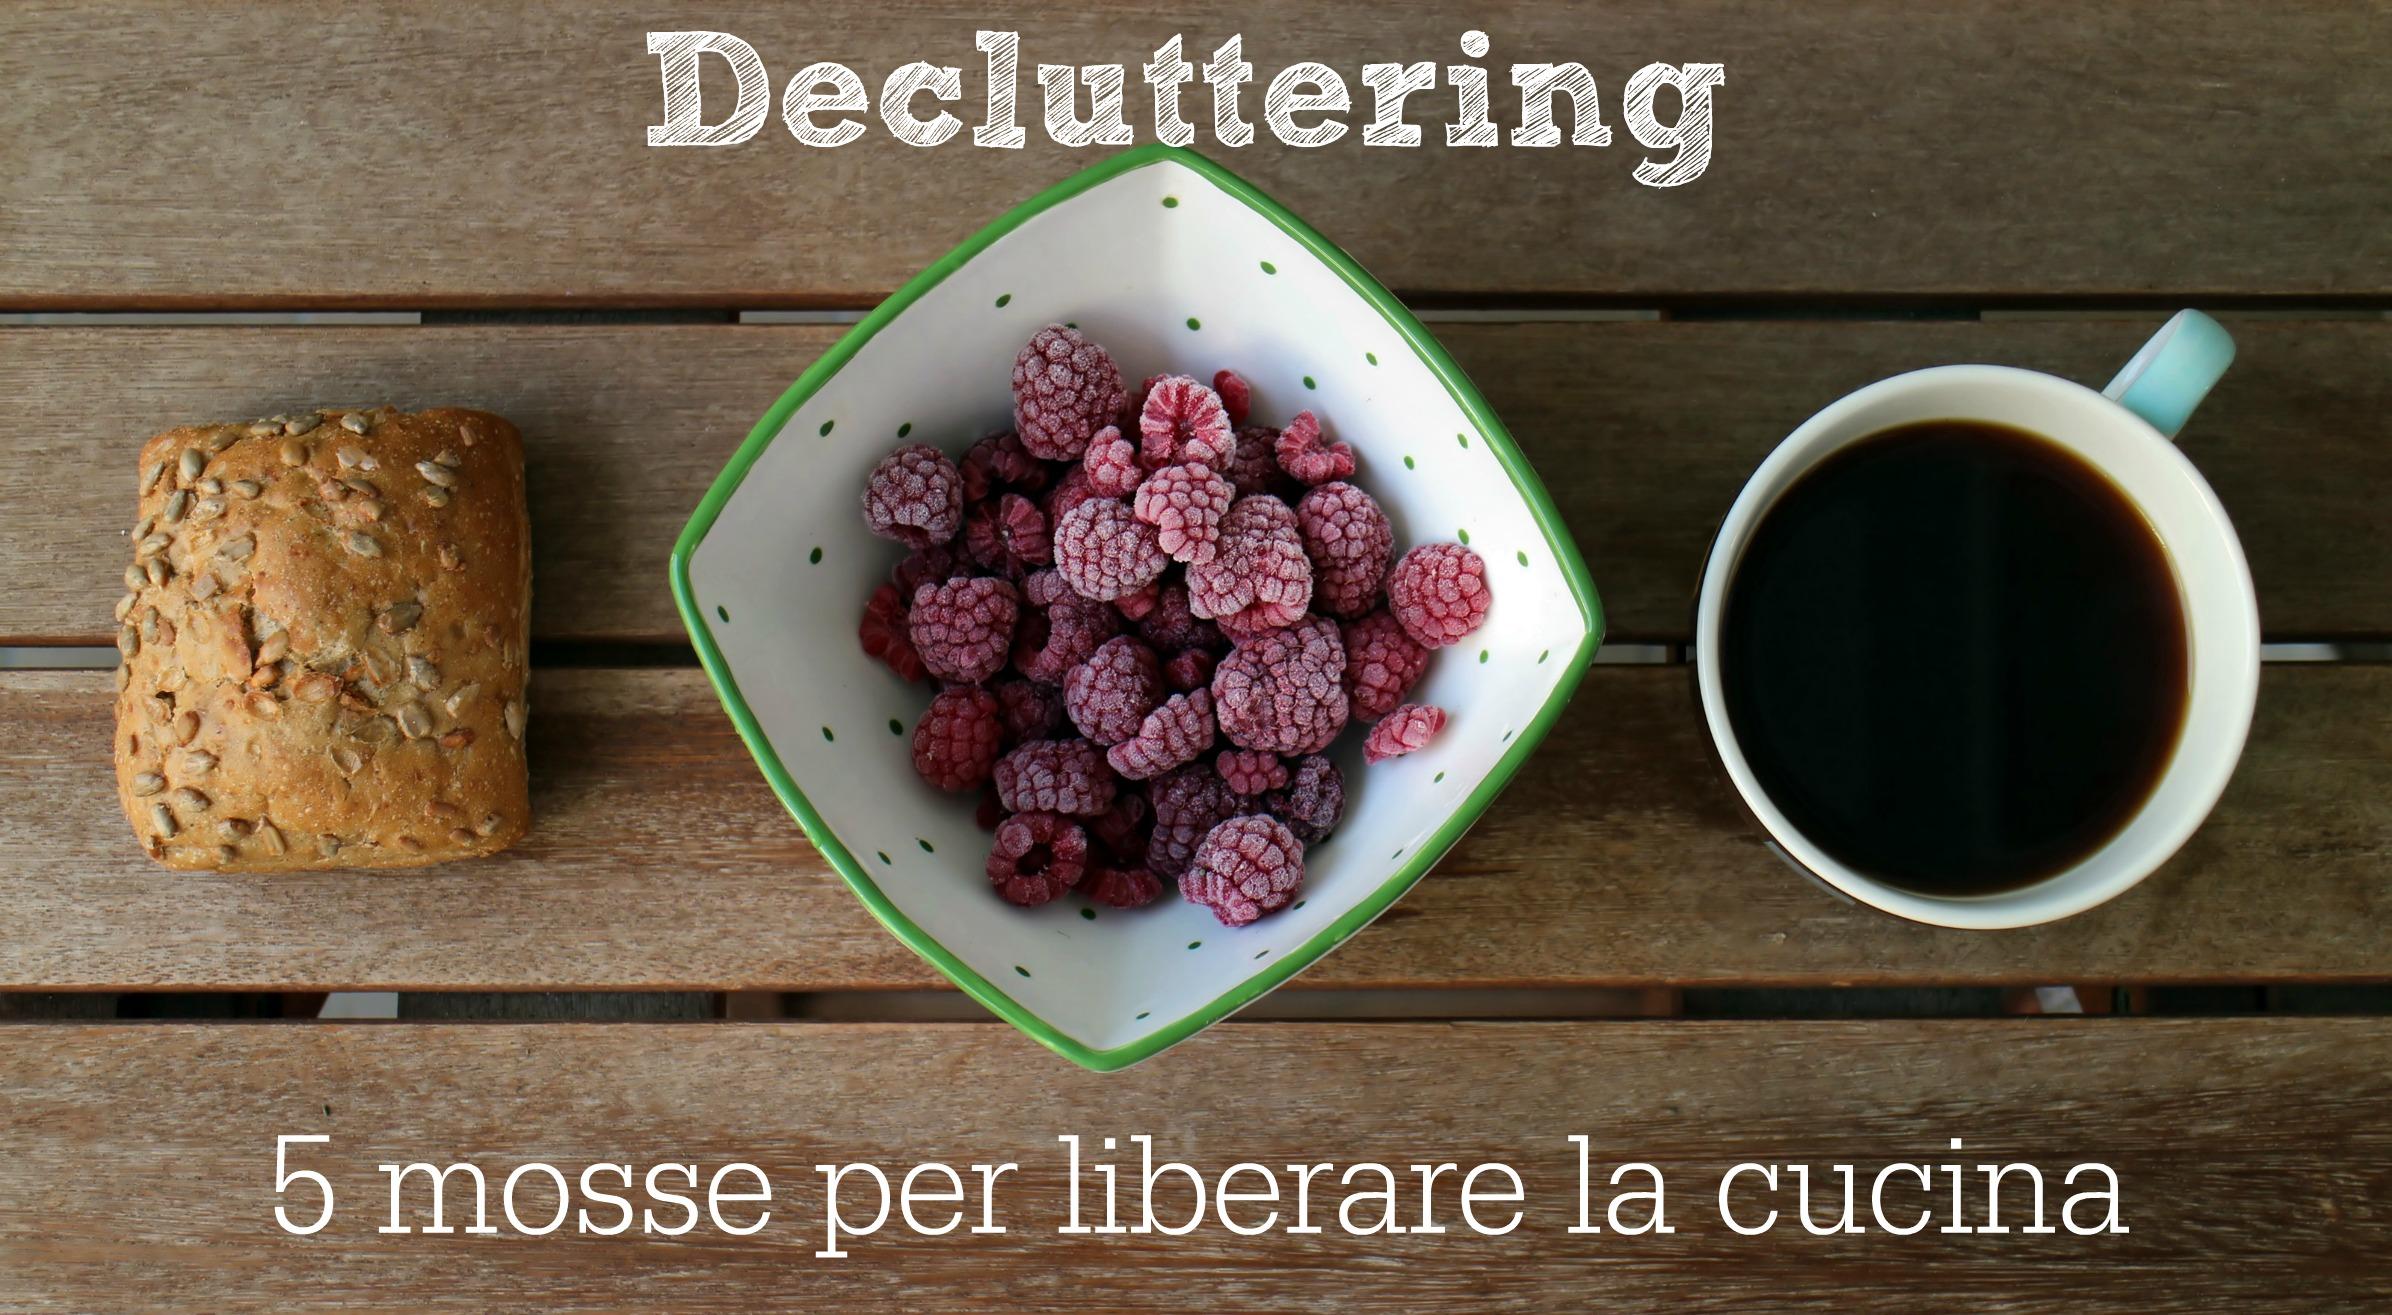 decluttering-cucina-2